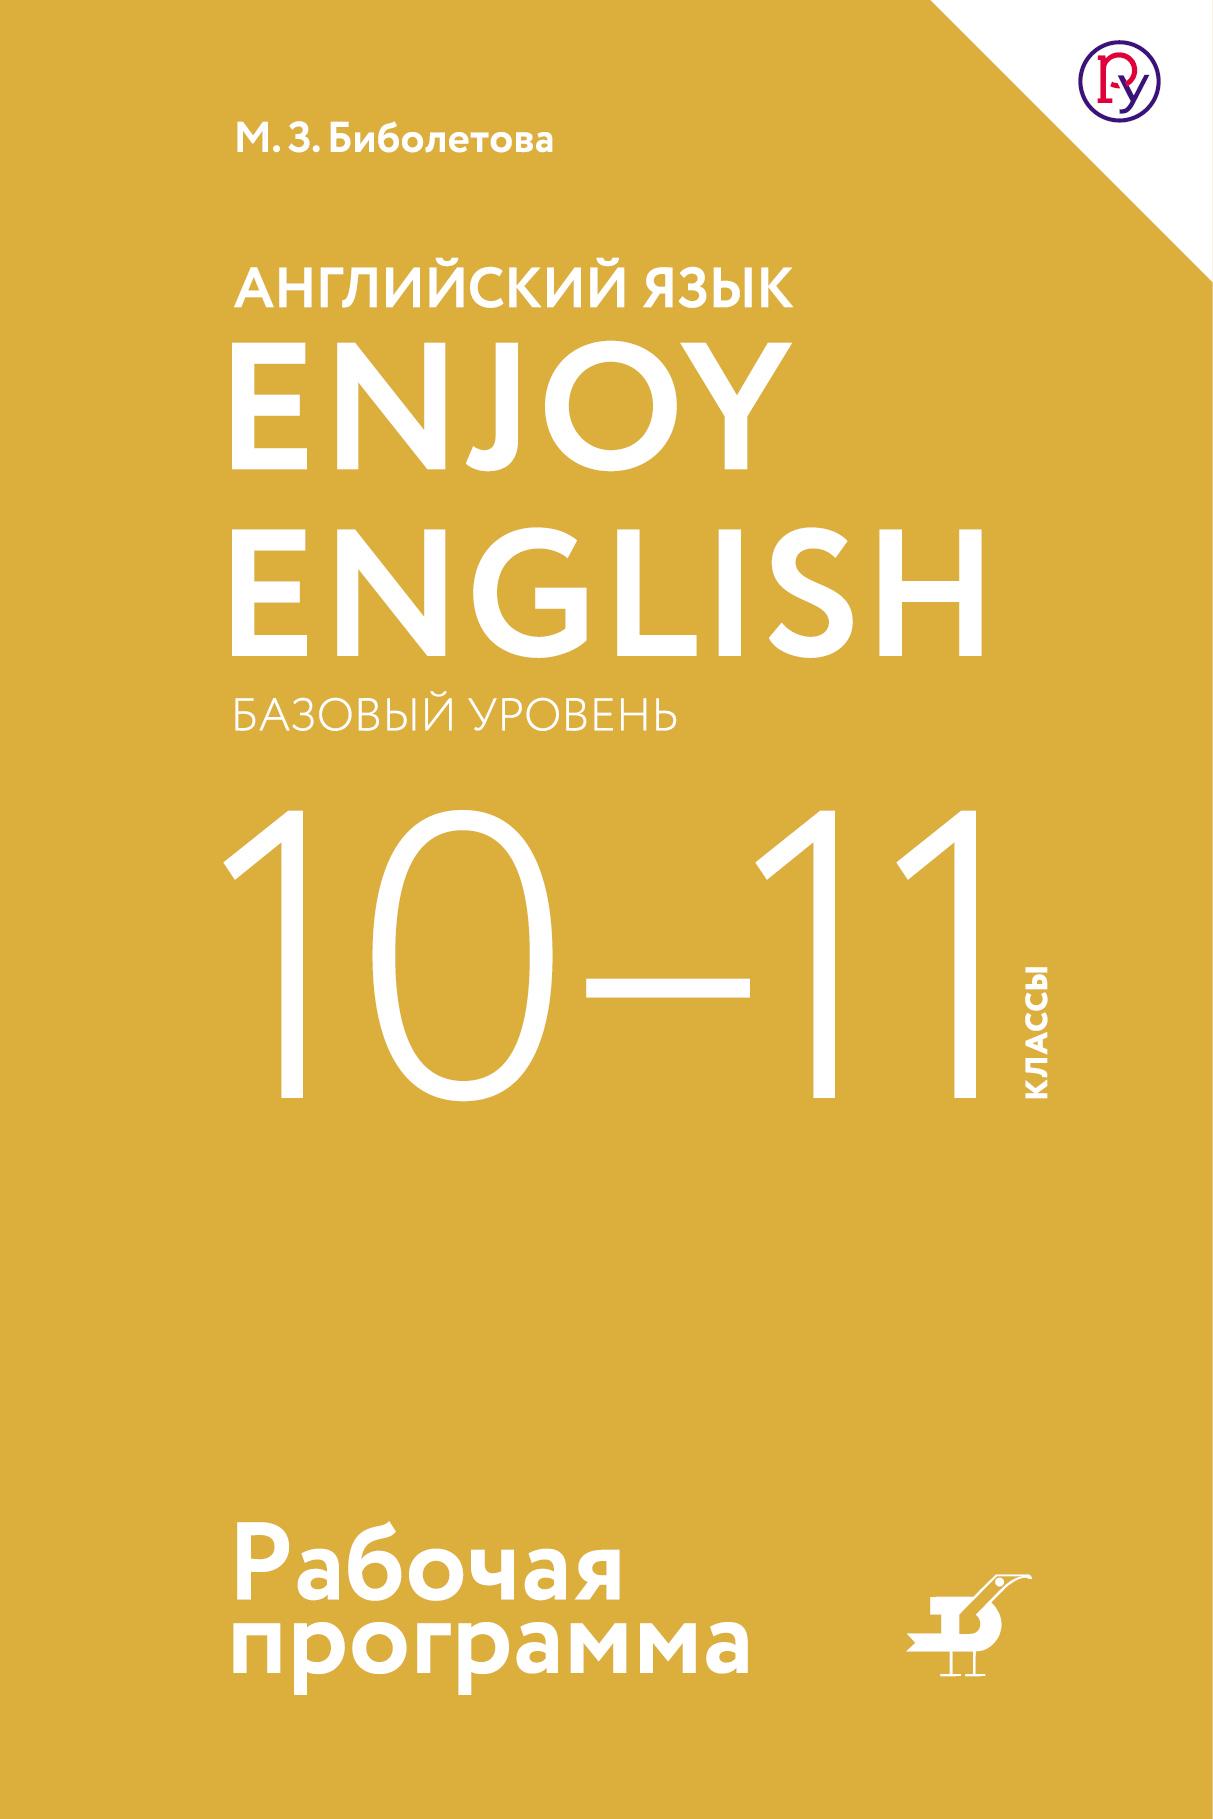 М. З. Биболетова Английский язык. Enjoy English. Базовый уровень. 10—11 классы. Рабочая программа учебники вентана граф английский язык базовый уровень 10 11 классы программа